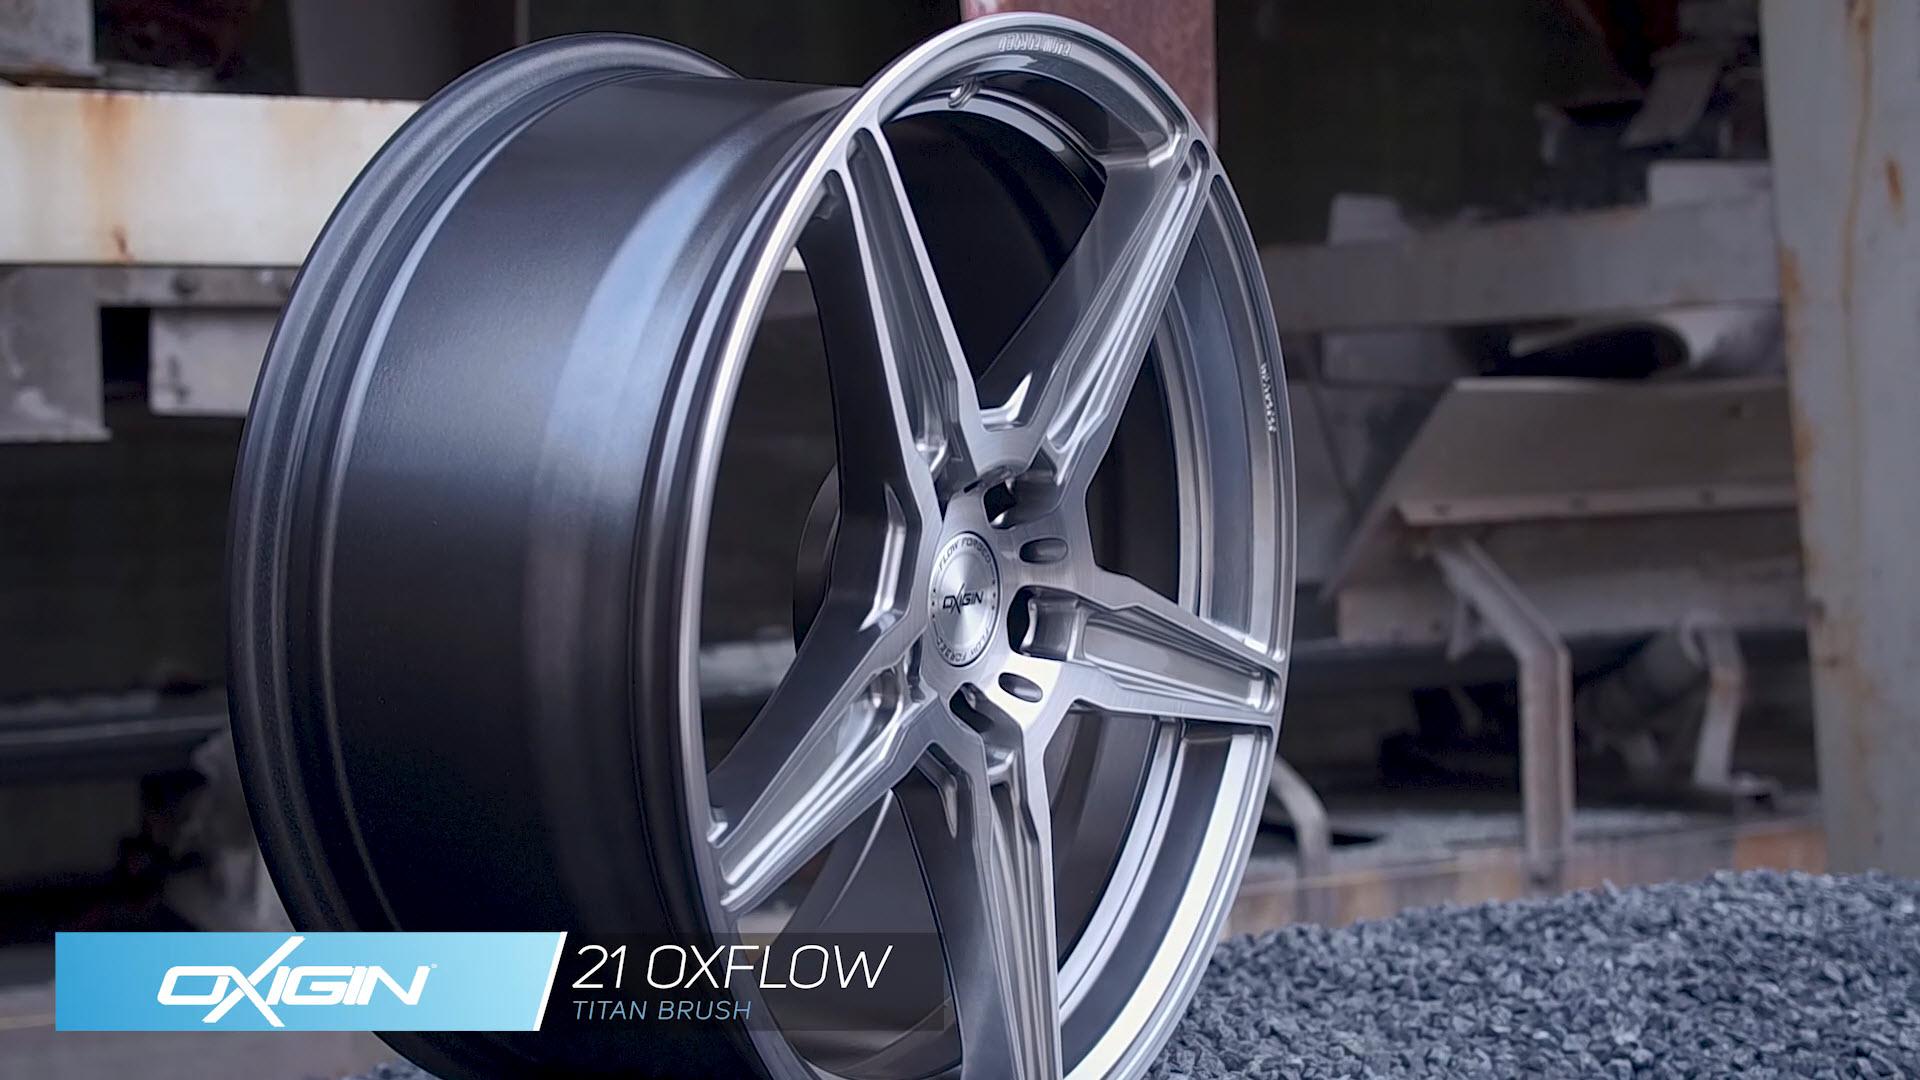 OX 21 Oxflow Titan Brush und Ambiente